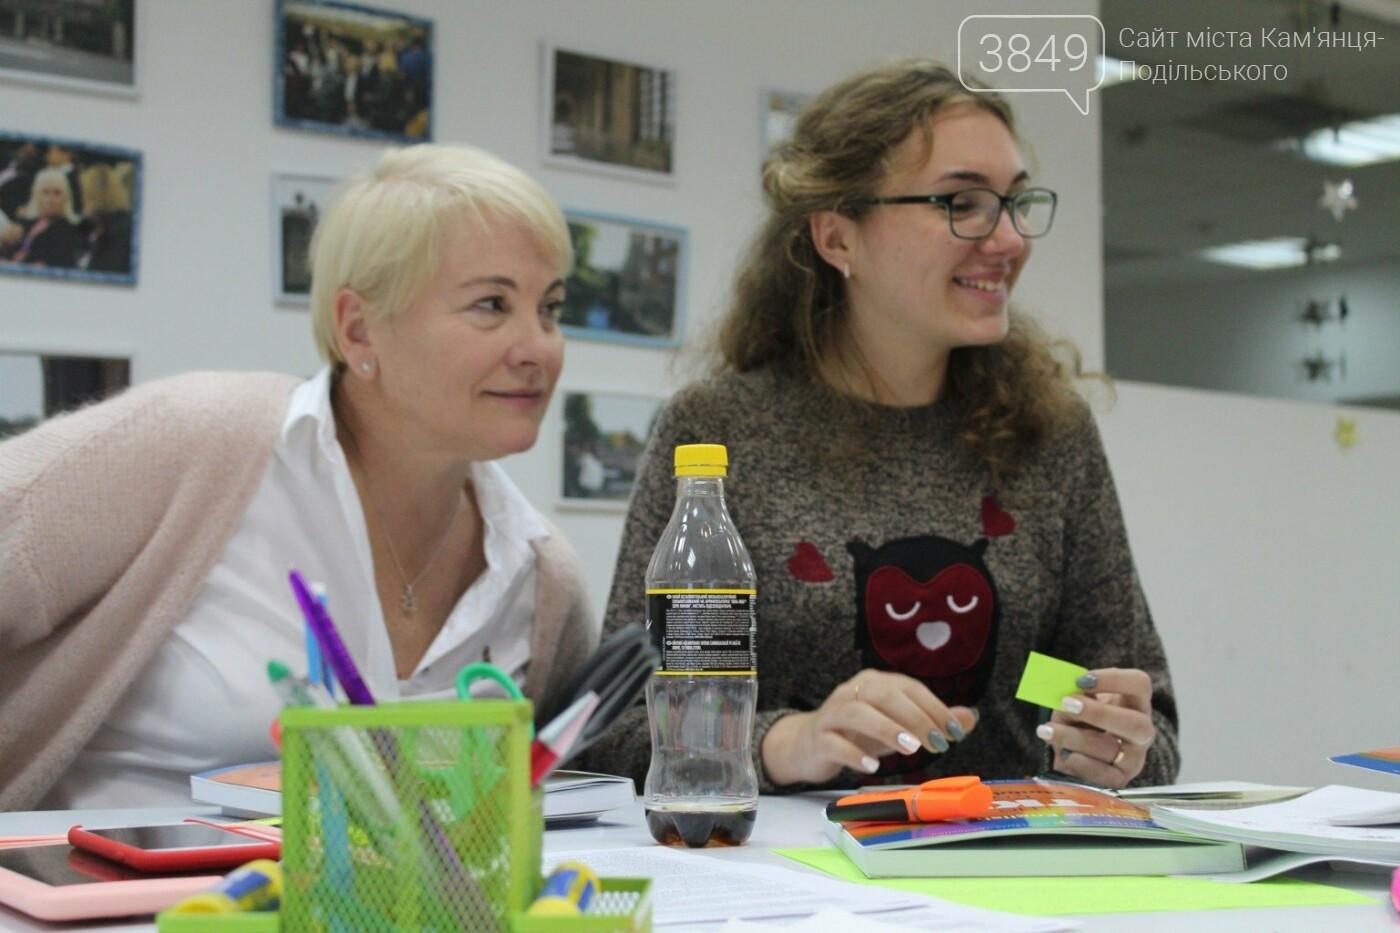 SARGOI Concept Office в місті Кам'янець-Подільський – найкращі сучасні курси іноземних мов, фото-3